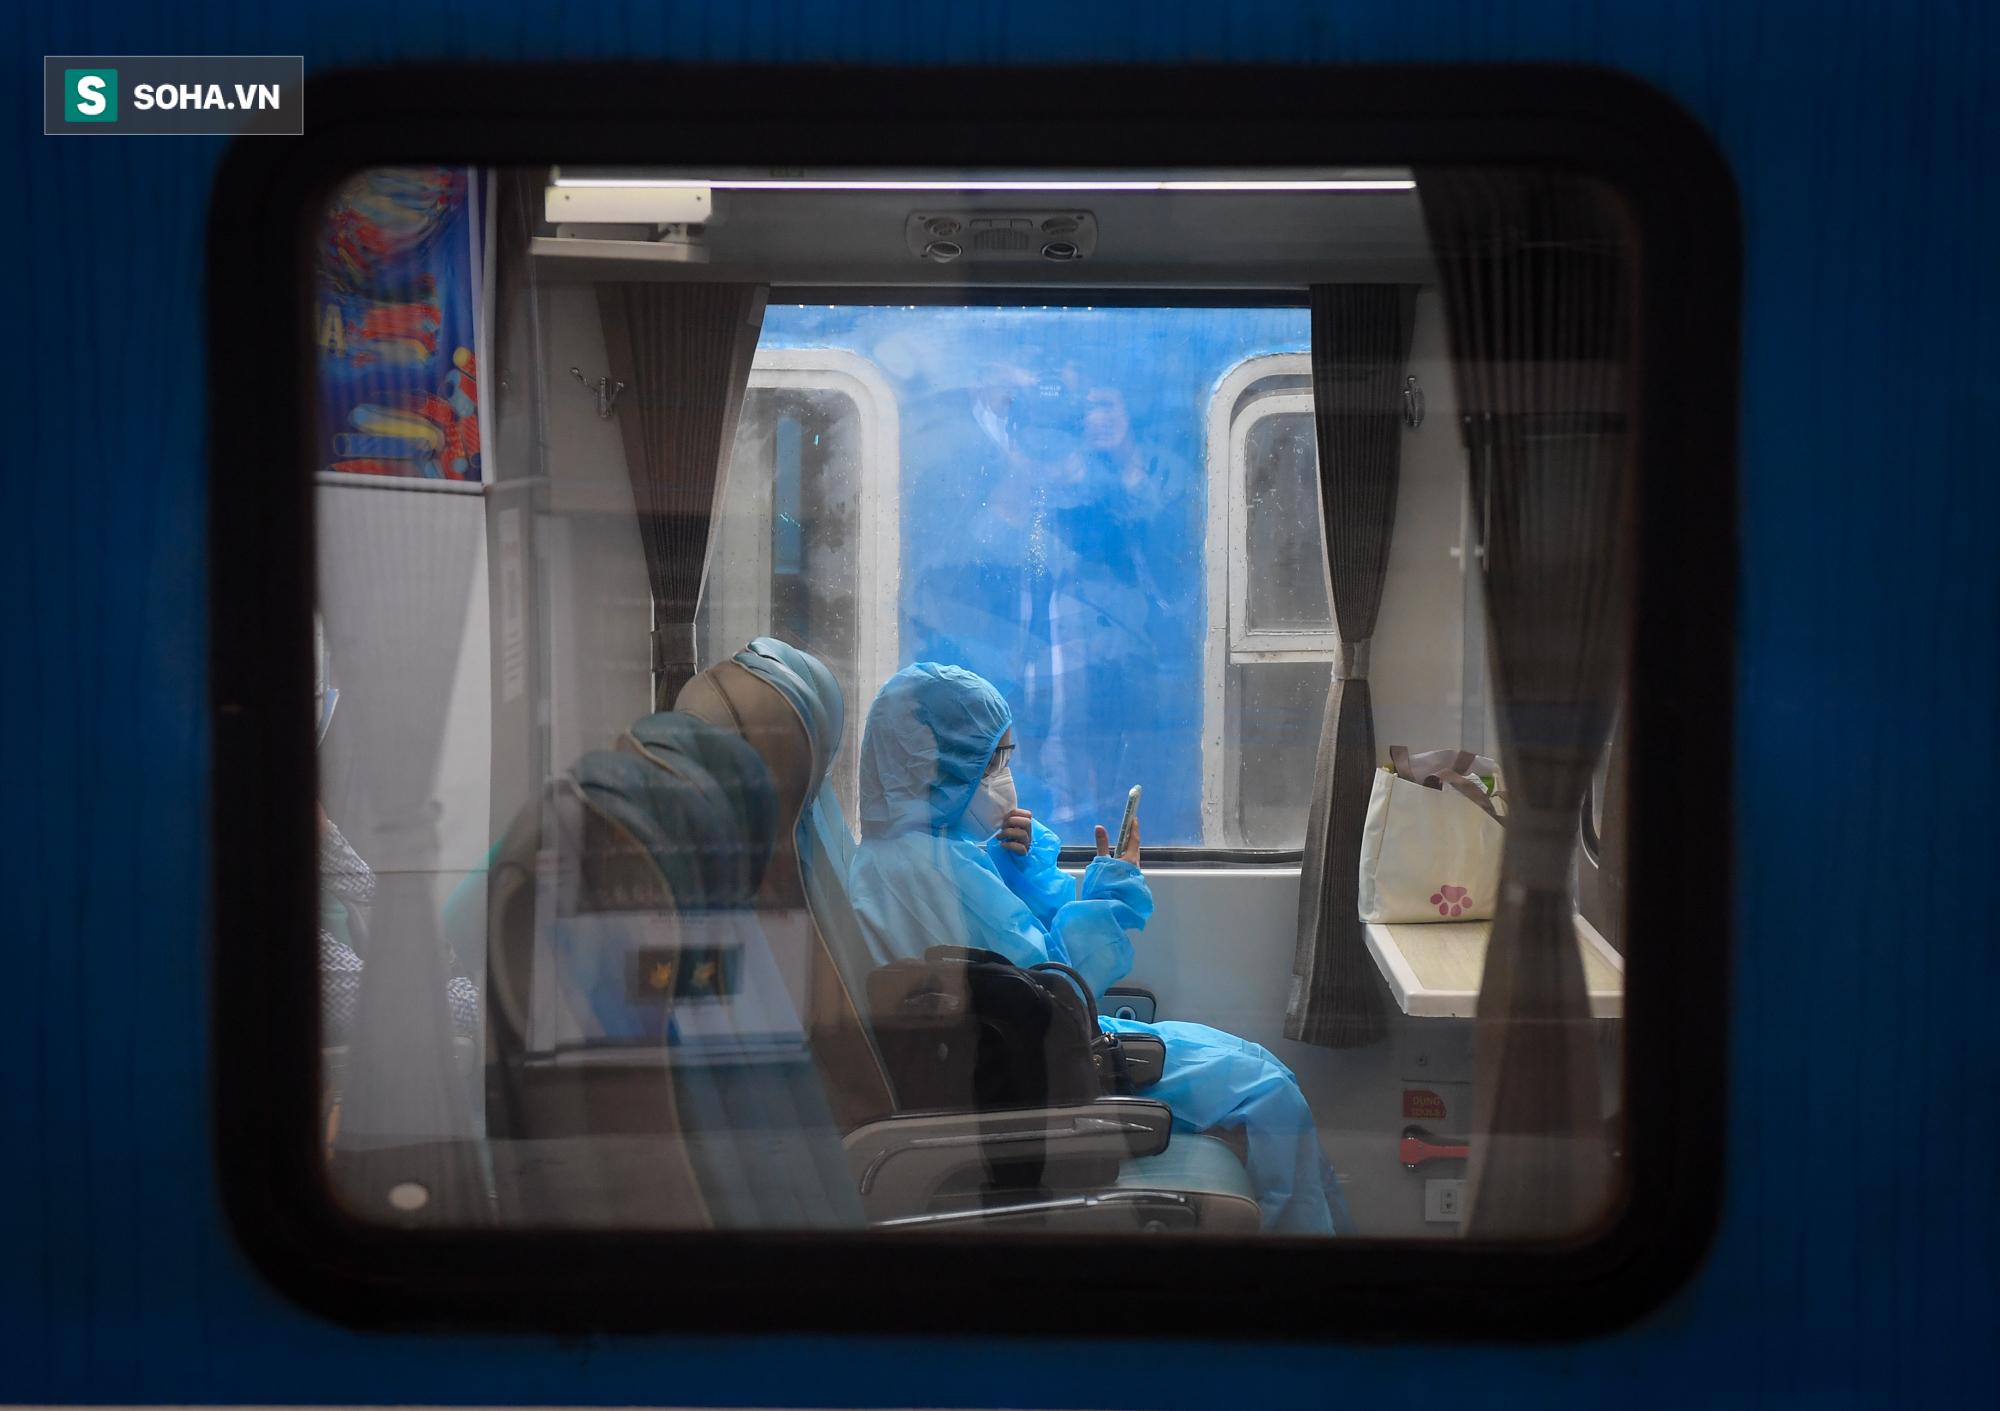 Người dân mừng rỡ khi đường sắt hoạt động trở lại: Mẹ ốm, con đẻ cả tháng mới được về thăm - Ảnh 7.